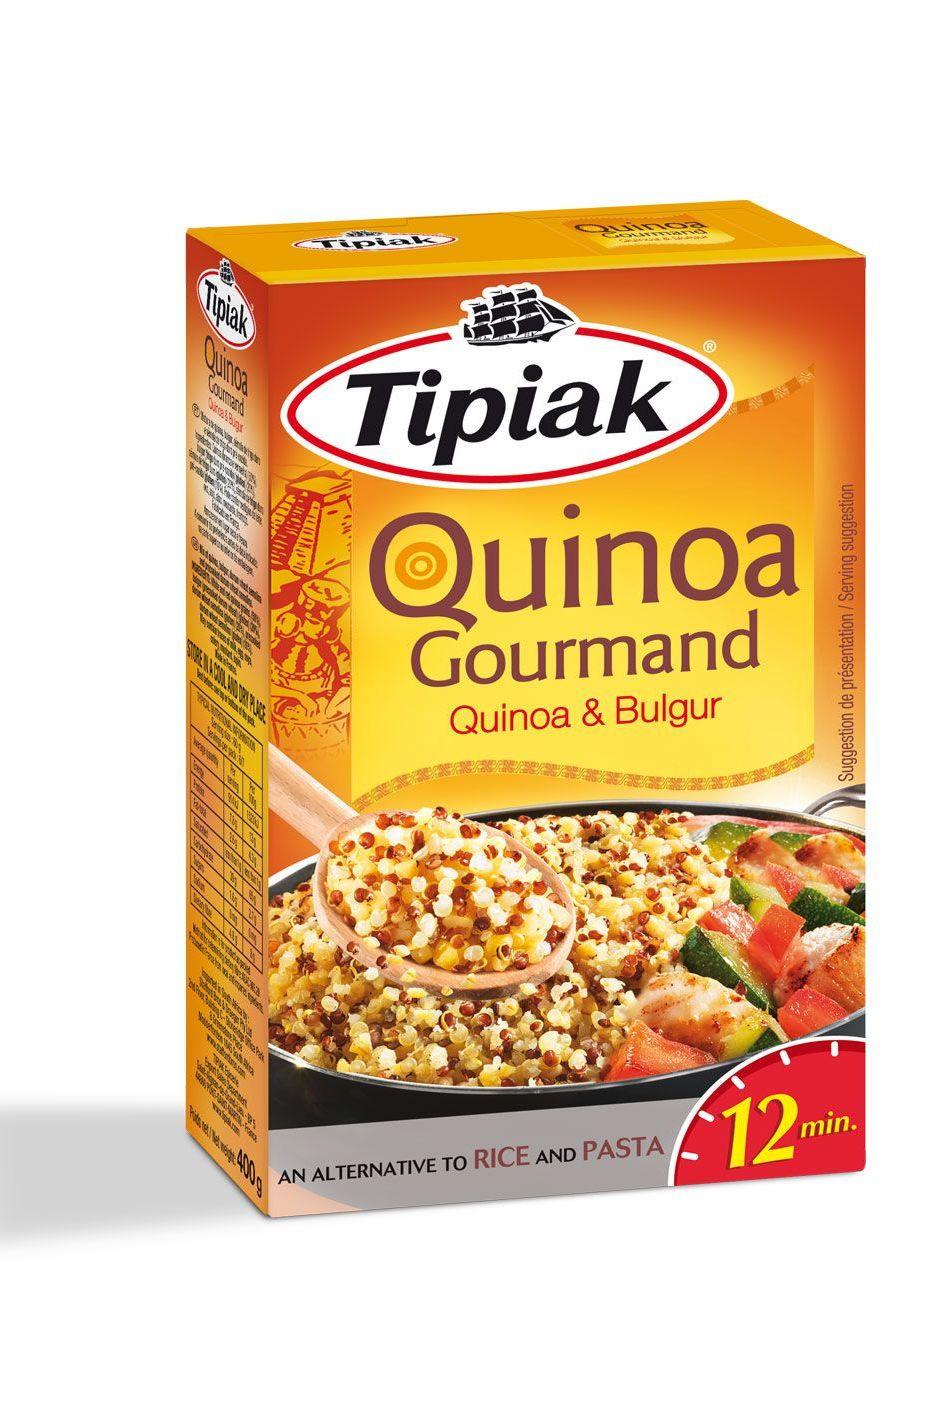 Couscous e quinoa gourmet: A Tipiak já chegou a Portugal